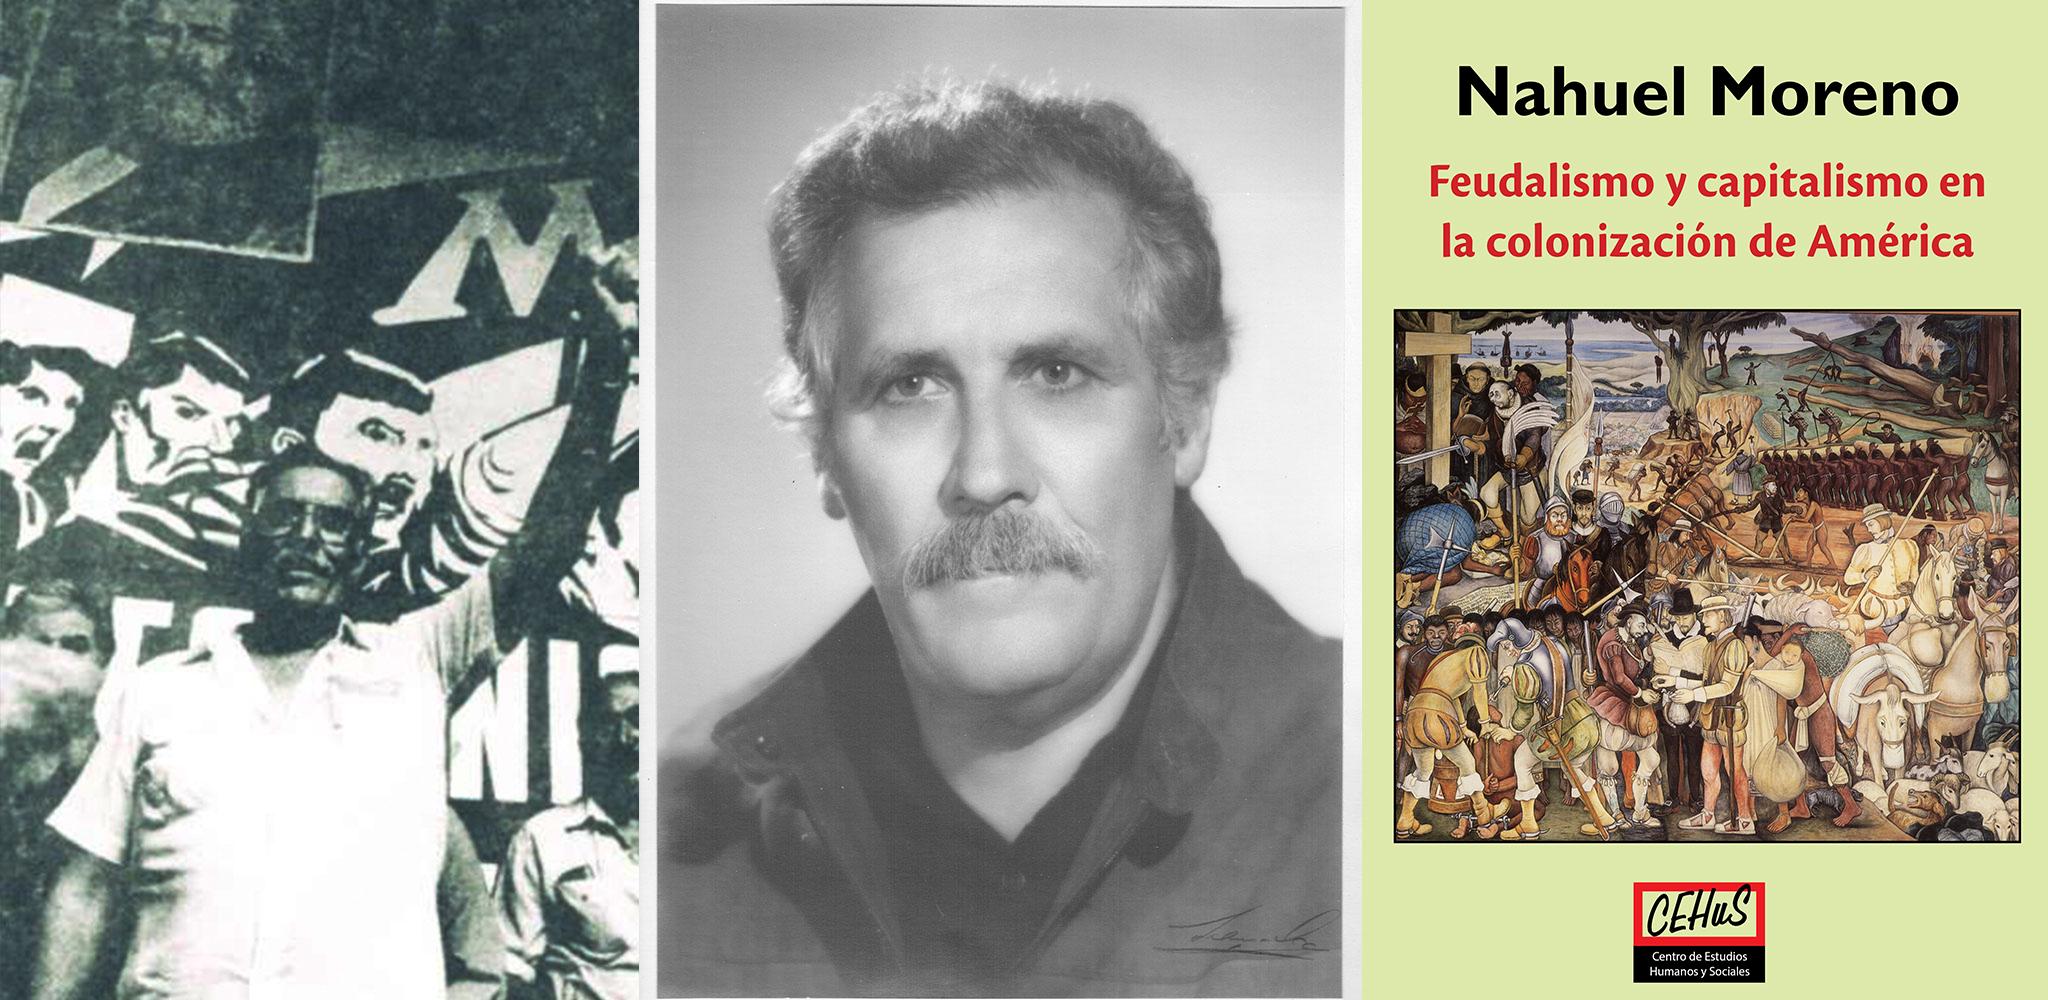 FEUDALISMO Y CAPITALISMO EN LA COLONIZACIÓN DE AMÉRICA (1948)